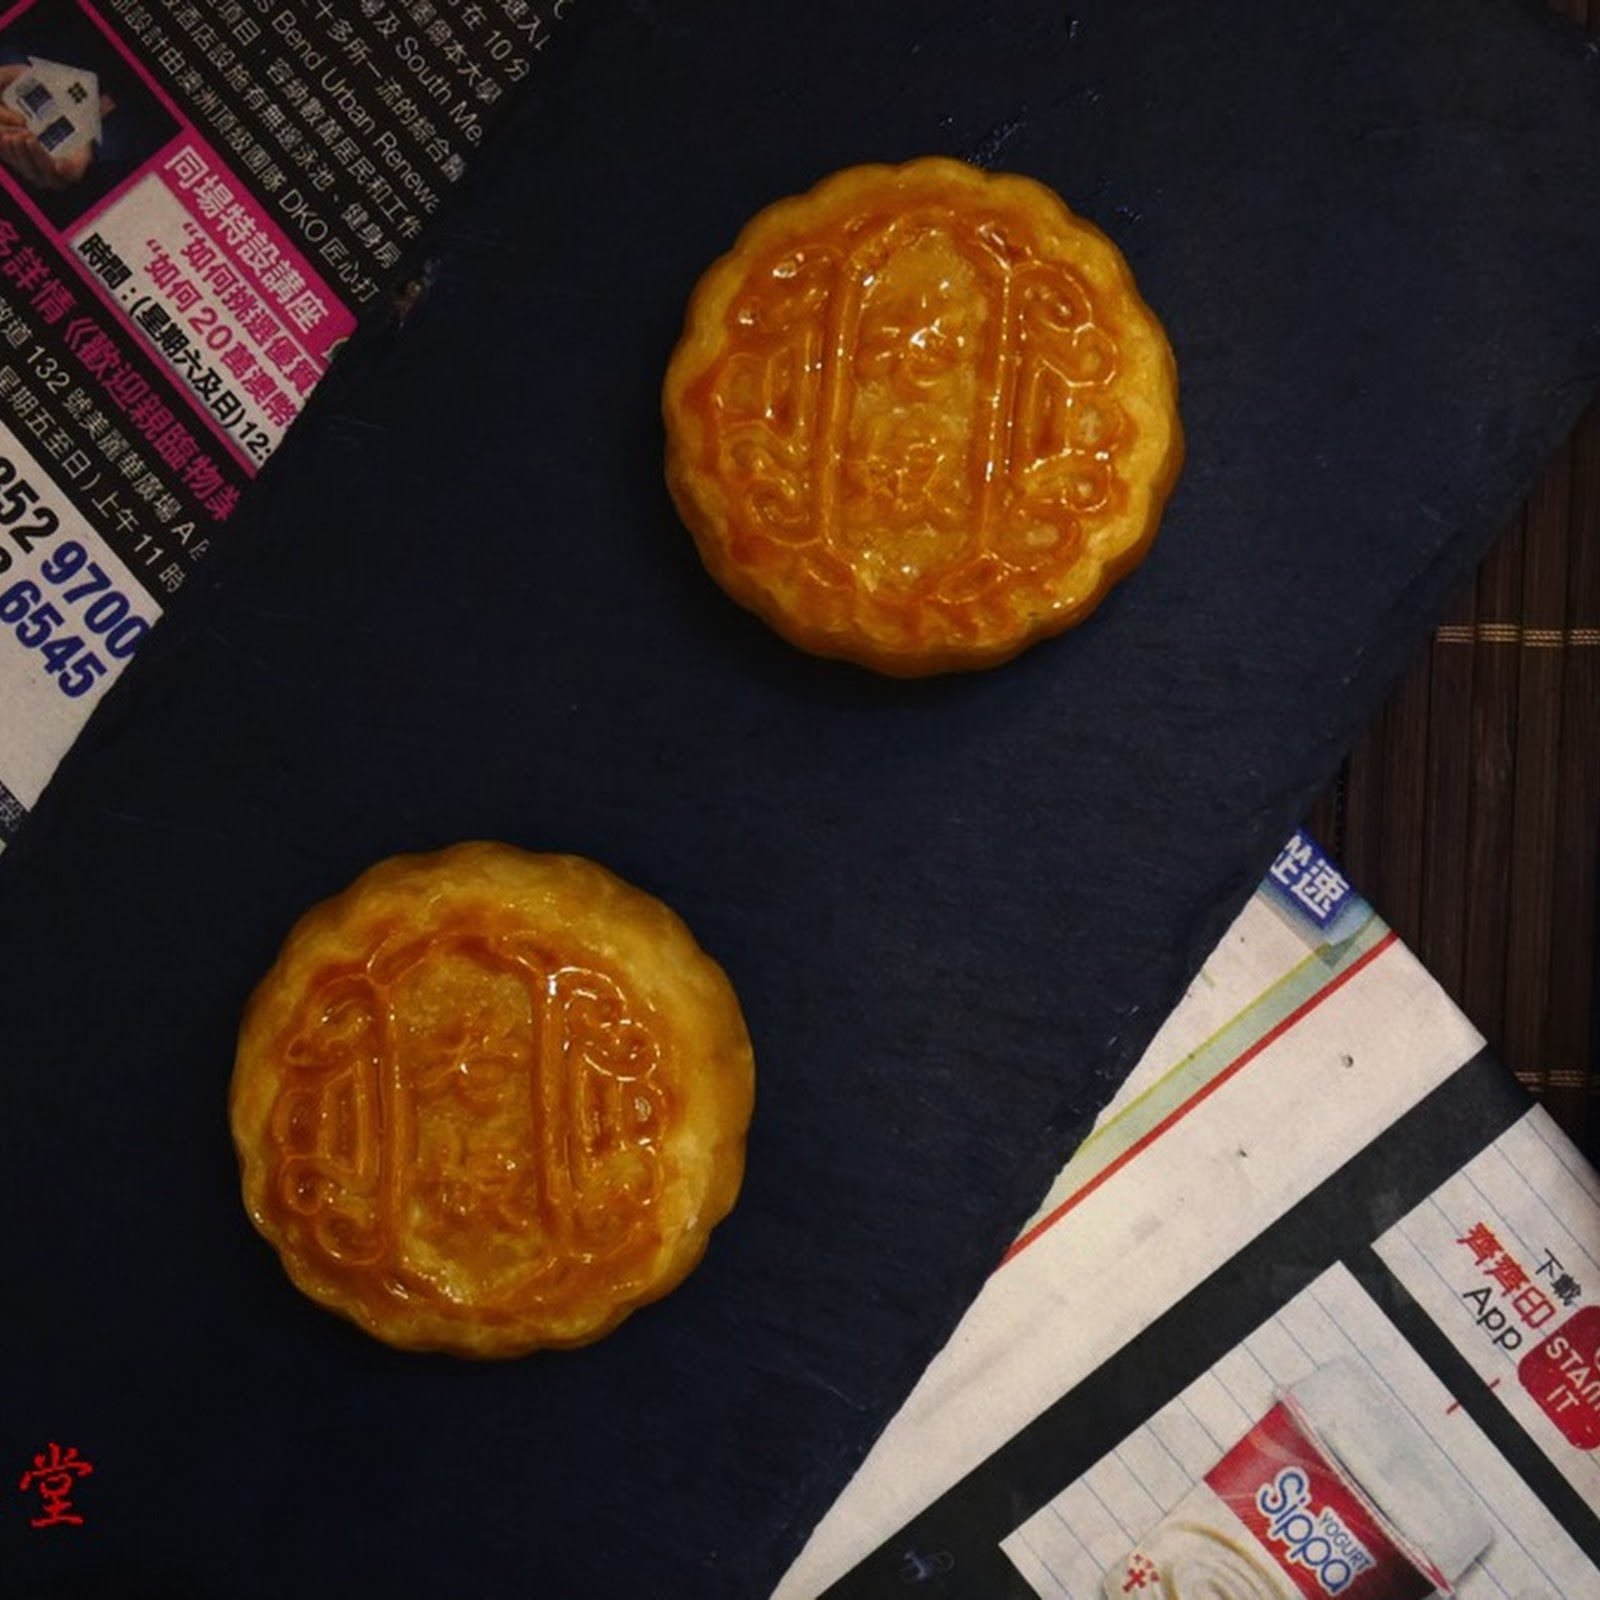 流心奶黃月餅 Lava Custard Mooncakes 【老娘的草根飯堂】流心餡、奶黃餡